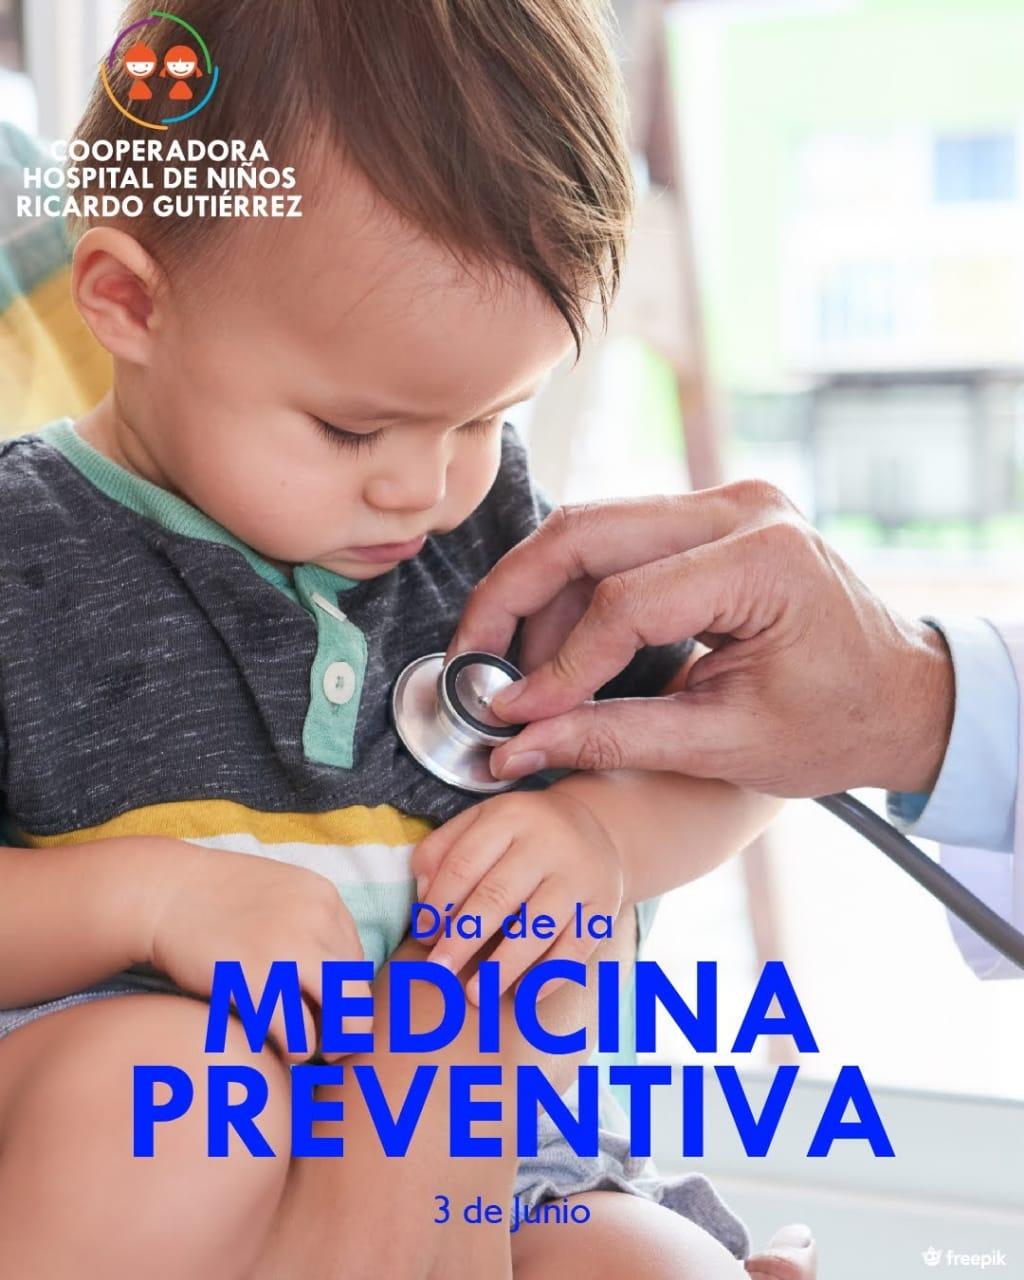 Día de la Medicina Preventiva